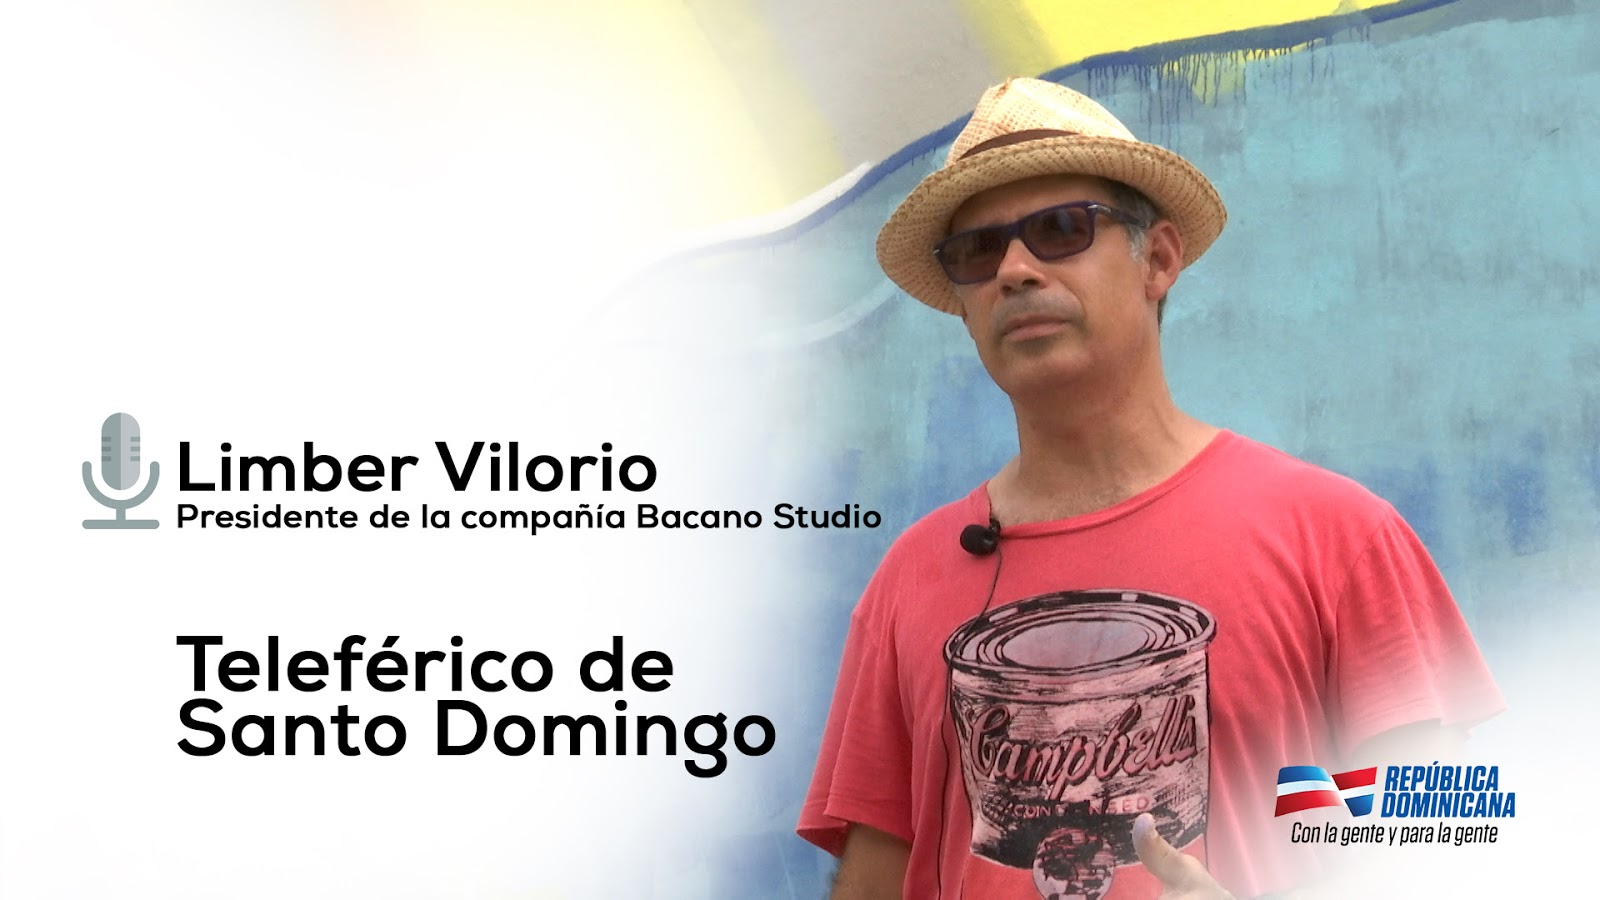 El Teleférico de Santo Domingo incentiva a promover el arte y la cultura